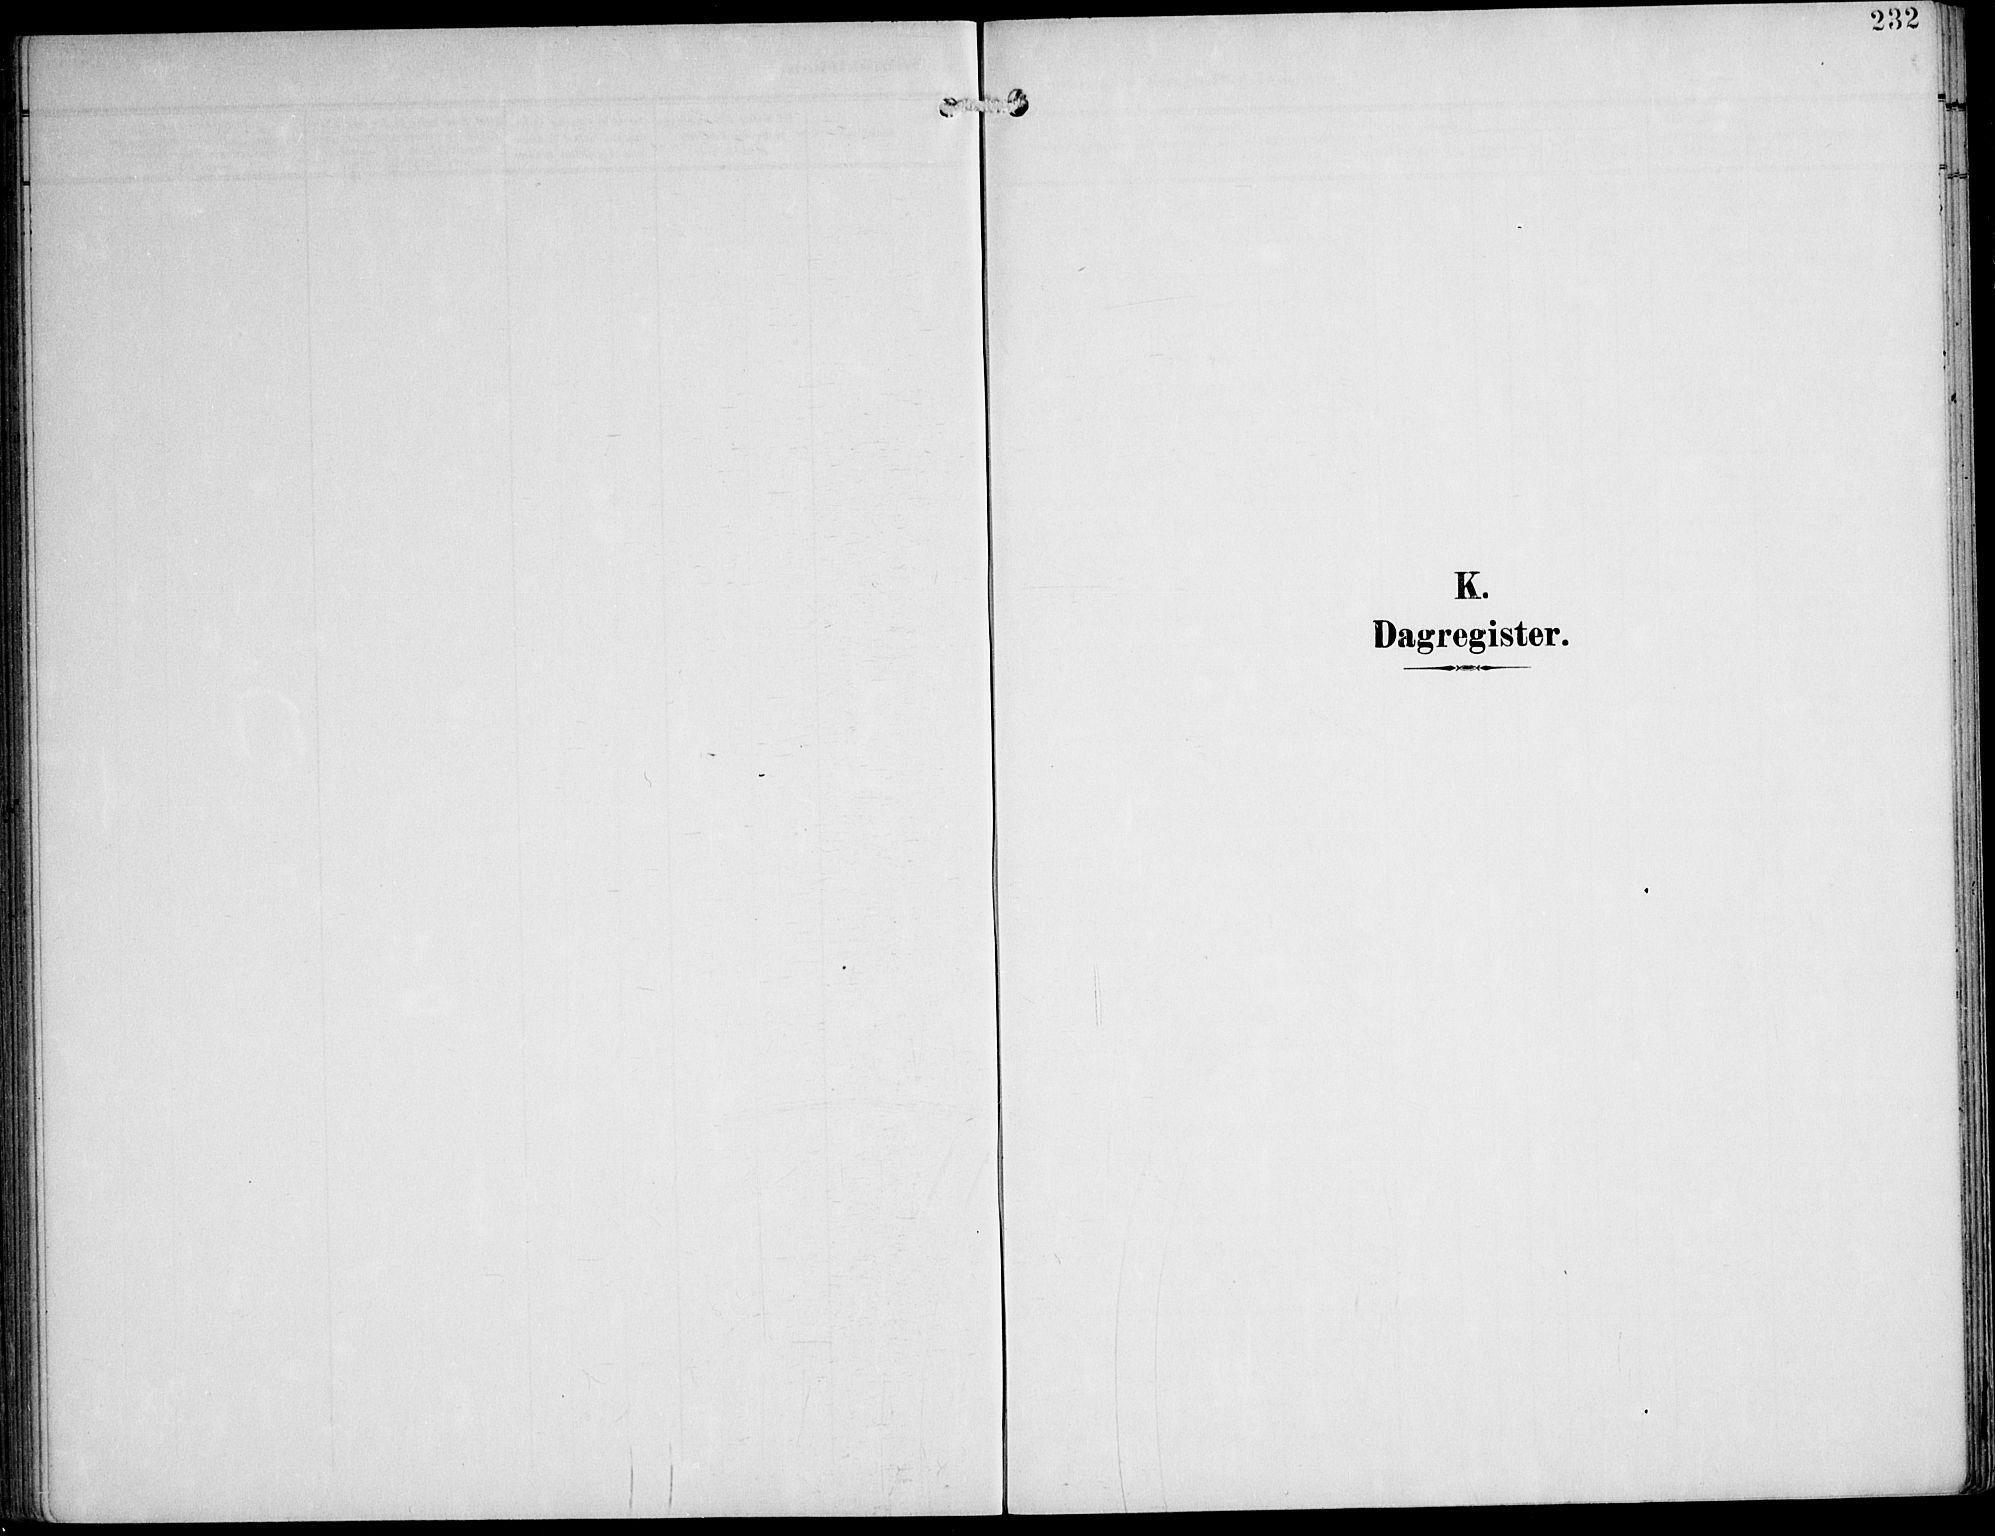 SAT, Ministerialprotokoller, klokkerbøker og fødselsregistre - Nord-Trøndelag, 788/L0698: Ministerialbok nr. 788A05, 1902-1921, s. 232